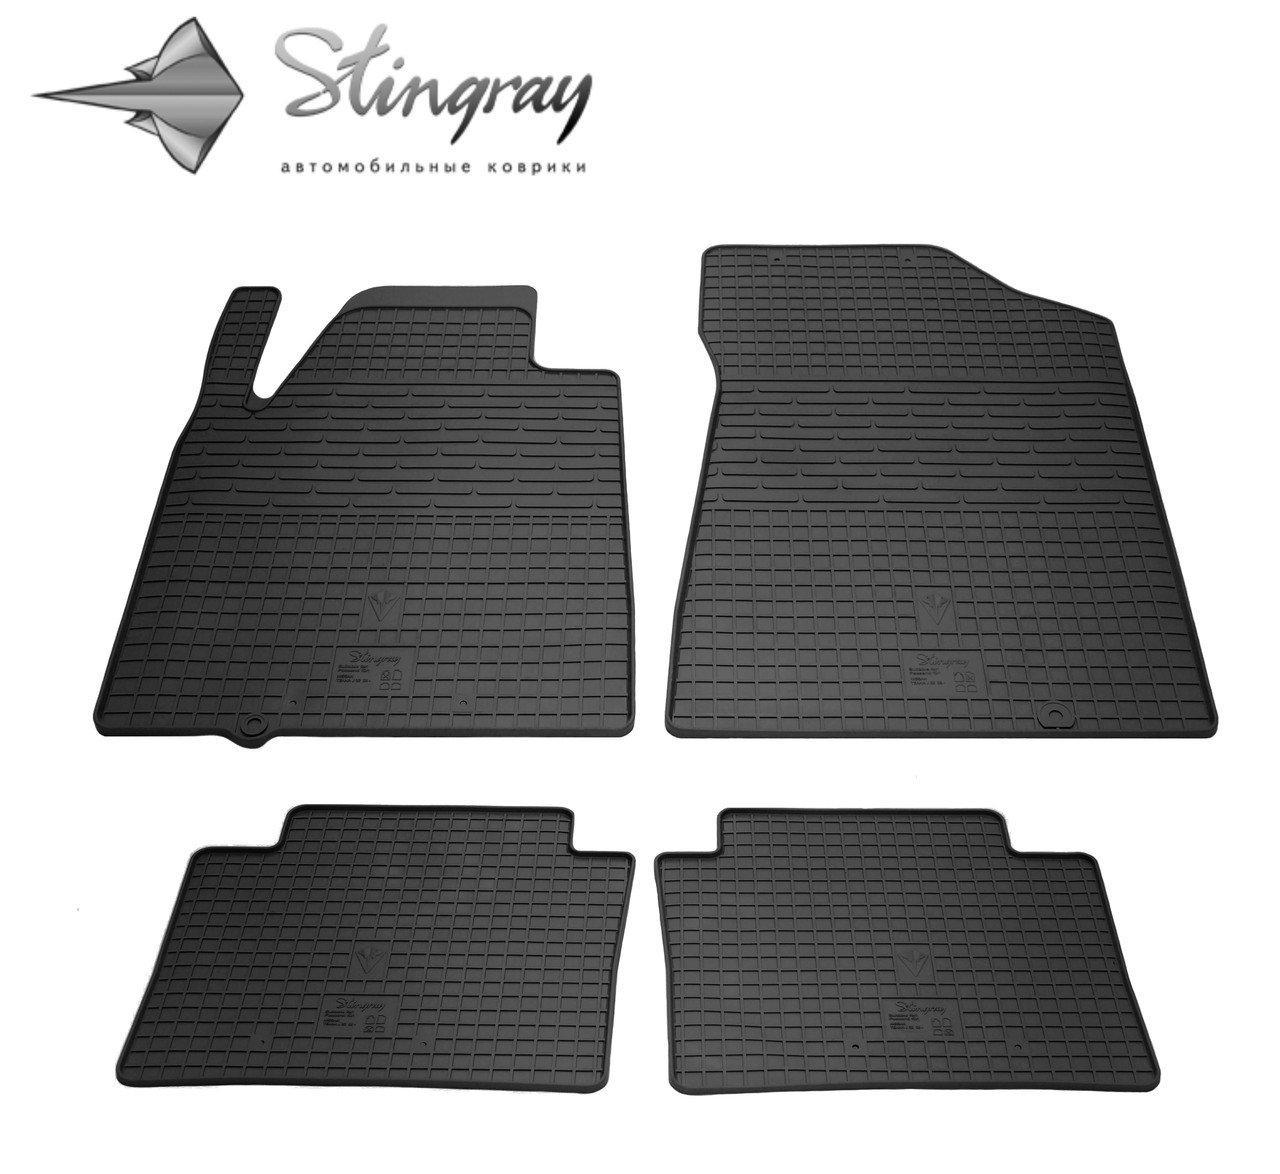 Автомобильные коврики на Nissan Teana J32 2008-2014 Stingray